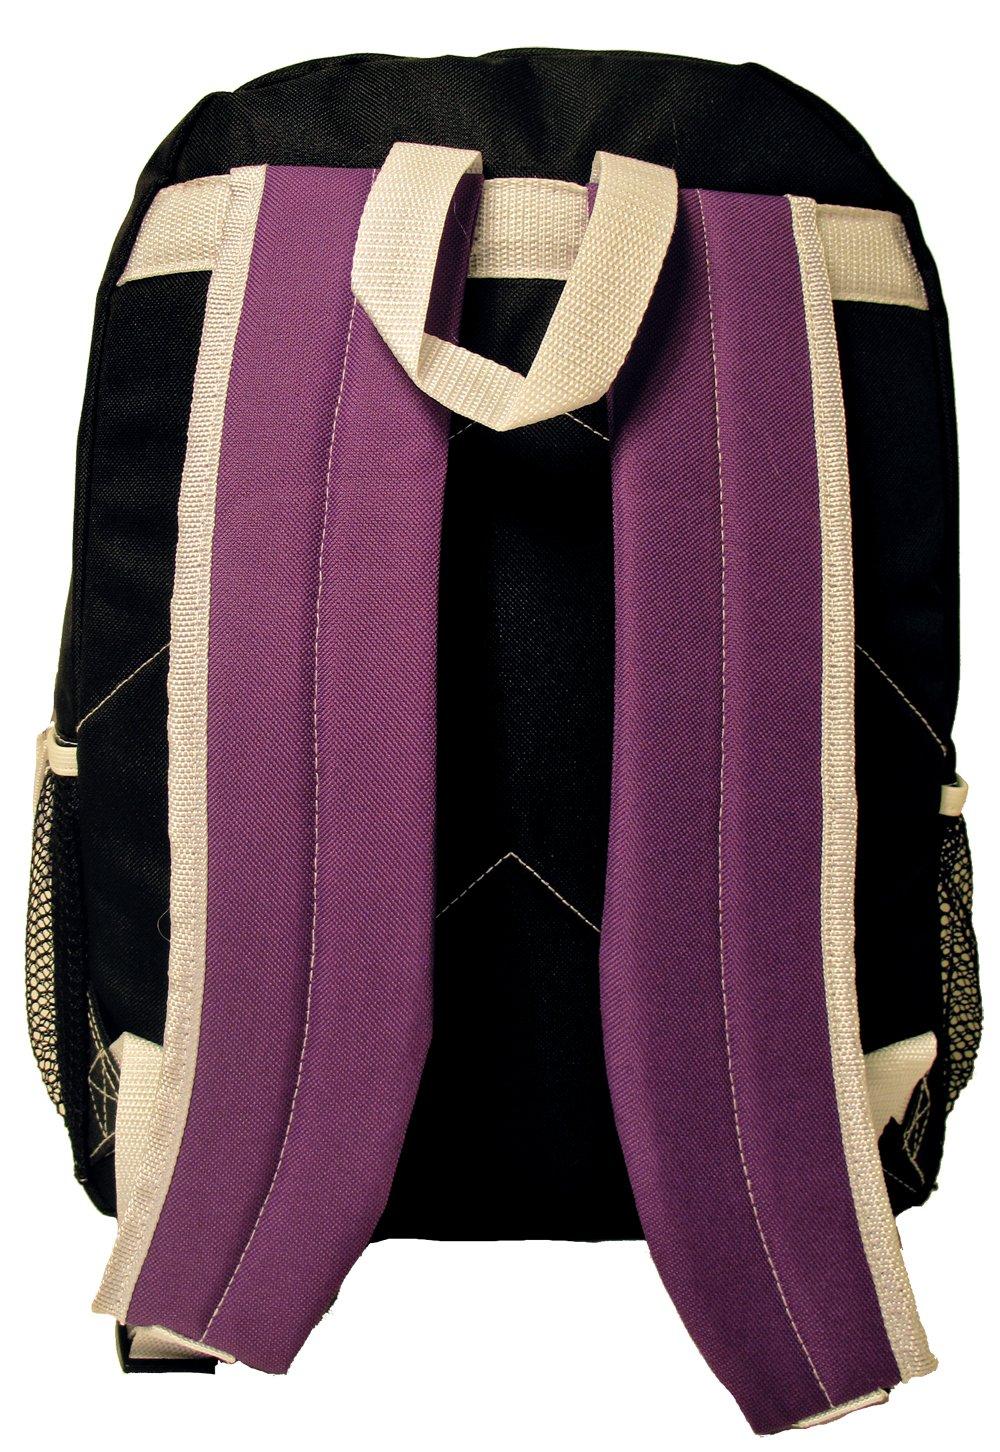 NBA Los Ángeles Lakers mochila escolar - Lakers (Kobe Bryant): Amazon.es: Deportes y aire libre